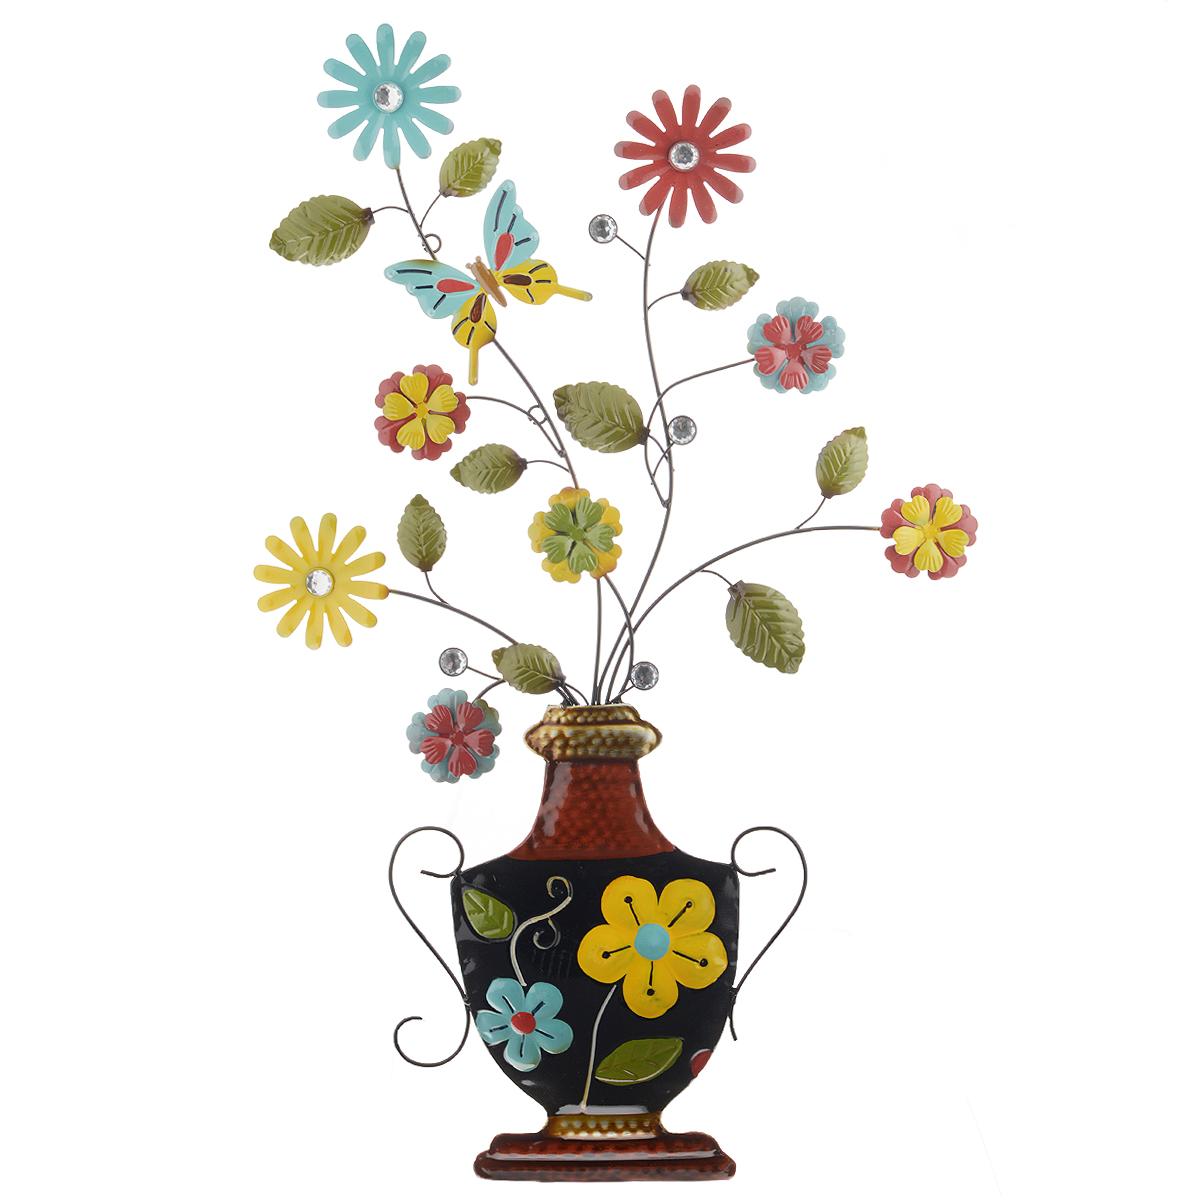 Панно декоративное настенное Molento Цветы в вазе. 576-058576-058Декоративное настенное панно Molento Цветы в вазе, изготовленное из металла, позволит вам украсить интерьер дома, рабочего кабинета или любого другого помещения оригинальным образом. Изделие выполнено в виде вазы с цветами. Ваза украшена красочным цветочным рисунком. Цветы оформлены фигуркой бабочки и декоративными серебристыми кристаллами. Панно имеет рельефную поверхность и оснащено специальными отверстиями для подвешивания. С таким панно вы сможете не просто внести в интерьер элемент оригинальности, но и создать атмосферу загадочности и изысканности.